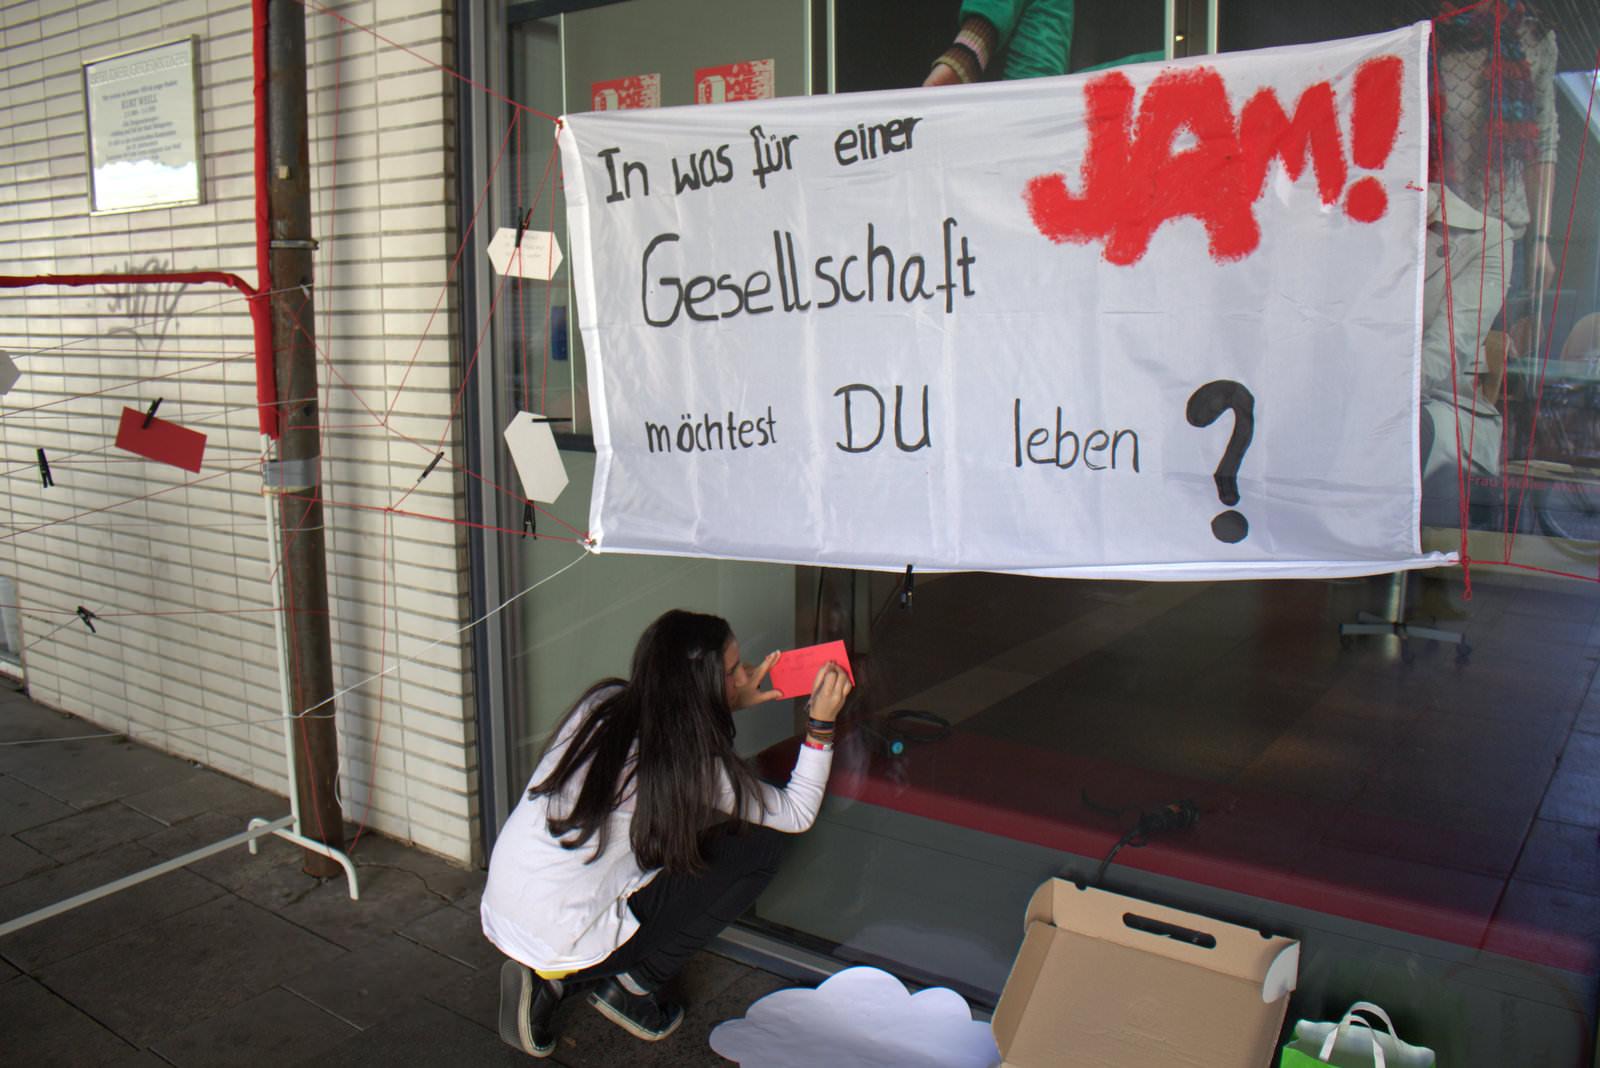 Ein Transparent hängt vor einer Glaswand. Darauf steht In was für einer Gesellschaft möchtest du leben? und das Logo von JAM. Darunter sitzt eine junge Frau und schreibt auf eine Karte.